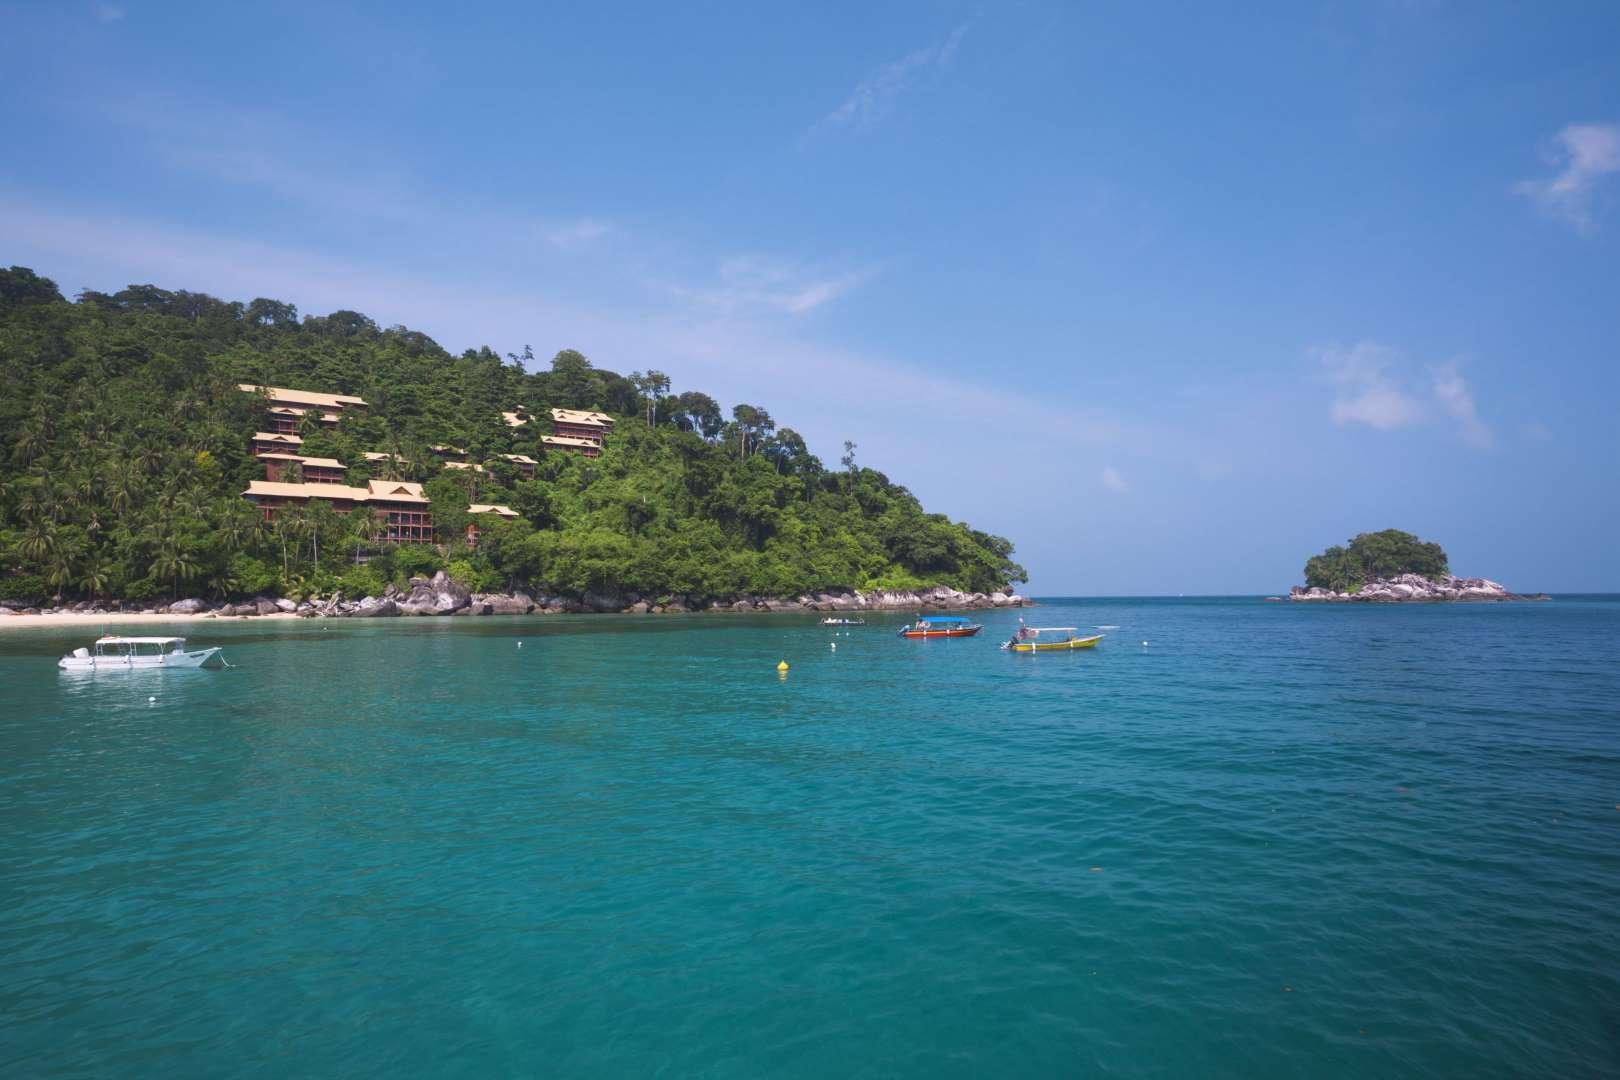 Βουτιά στο... όνειρο! Δύο ελληνικά στα 29 καλύτερα μέρη στον κόσμο για να κολυμπήσεις